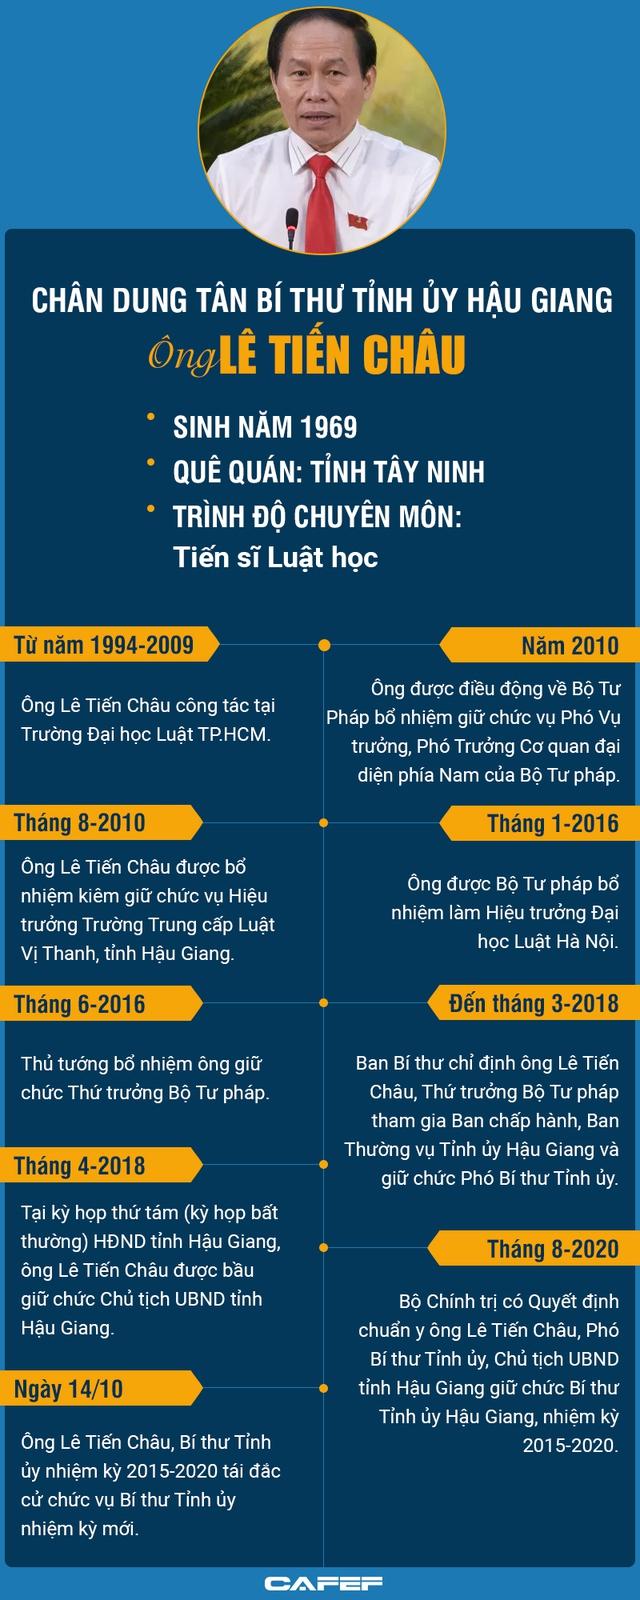 [Infographic]: Chân dung tân Bí thư Tỉnh ủy Hậu Giang Lê Tiến Châu - Ảnh 1.